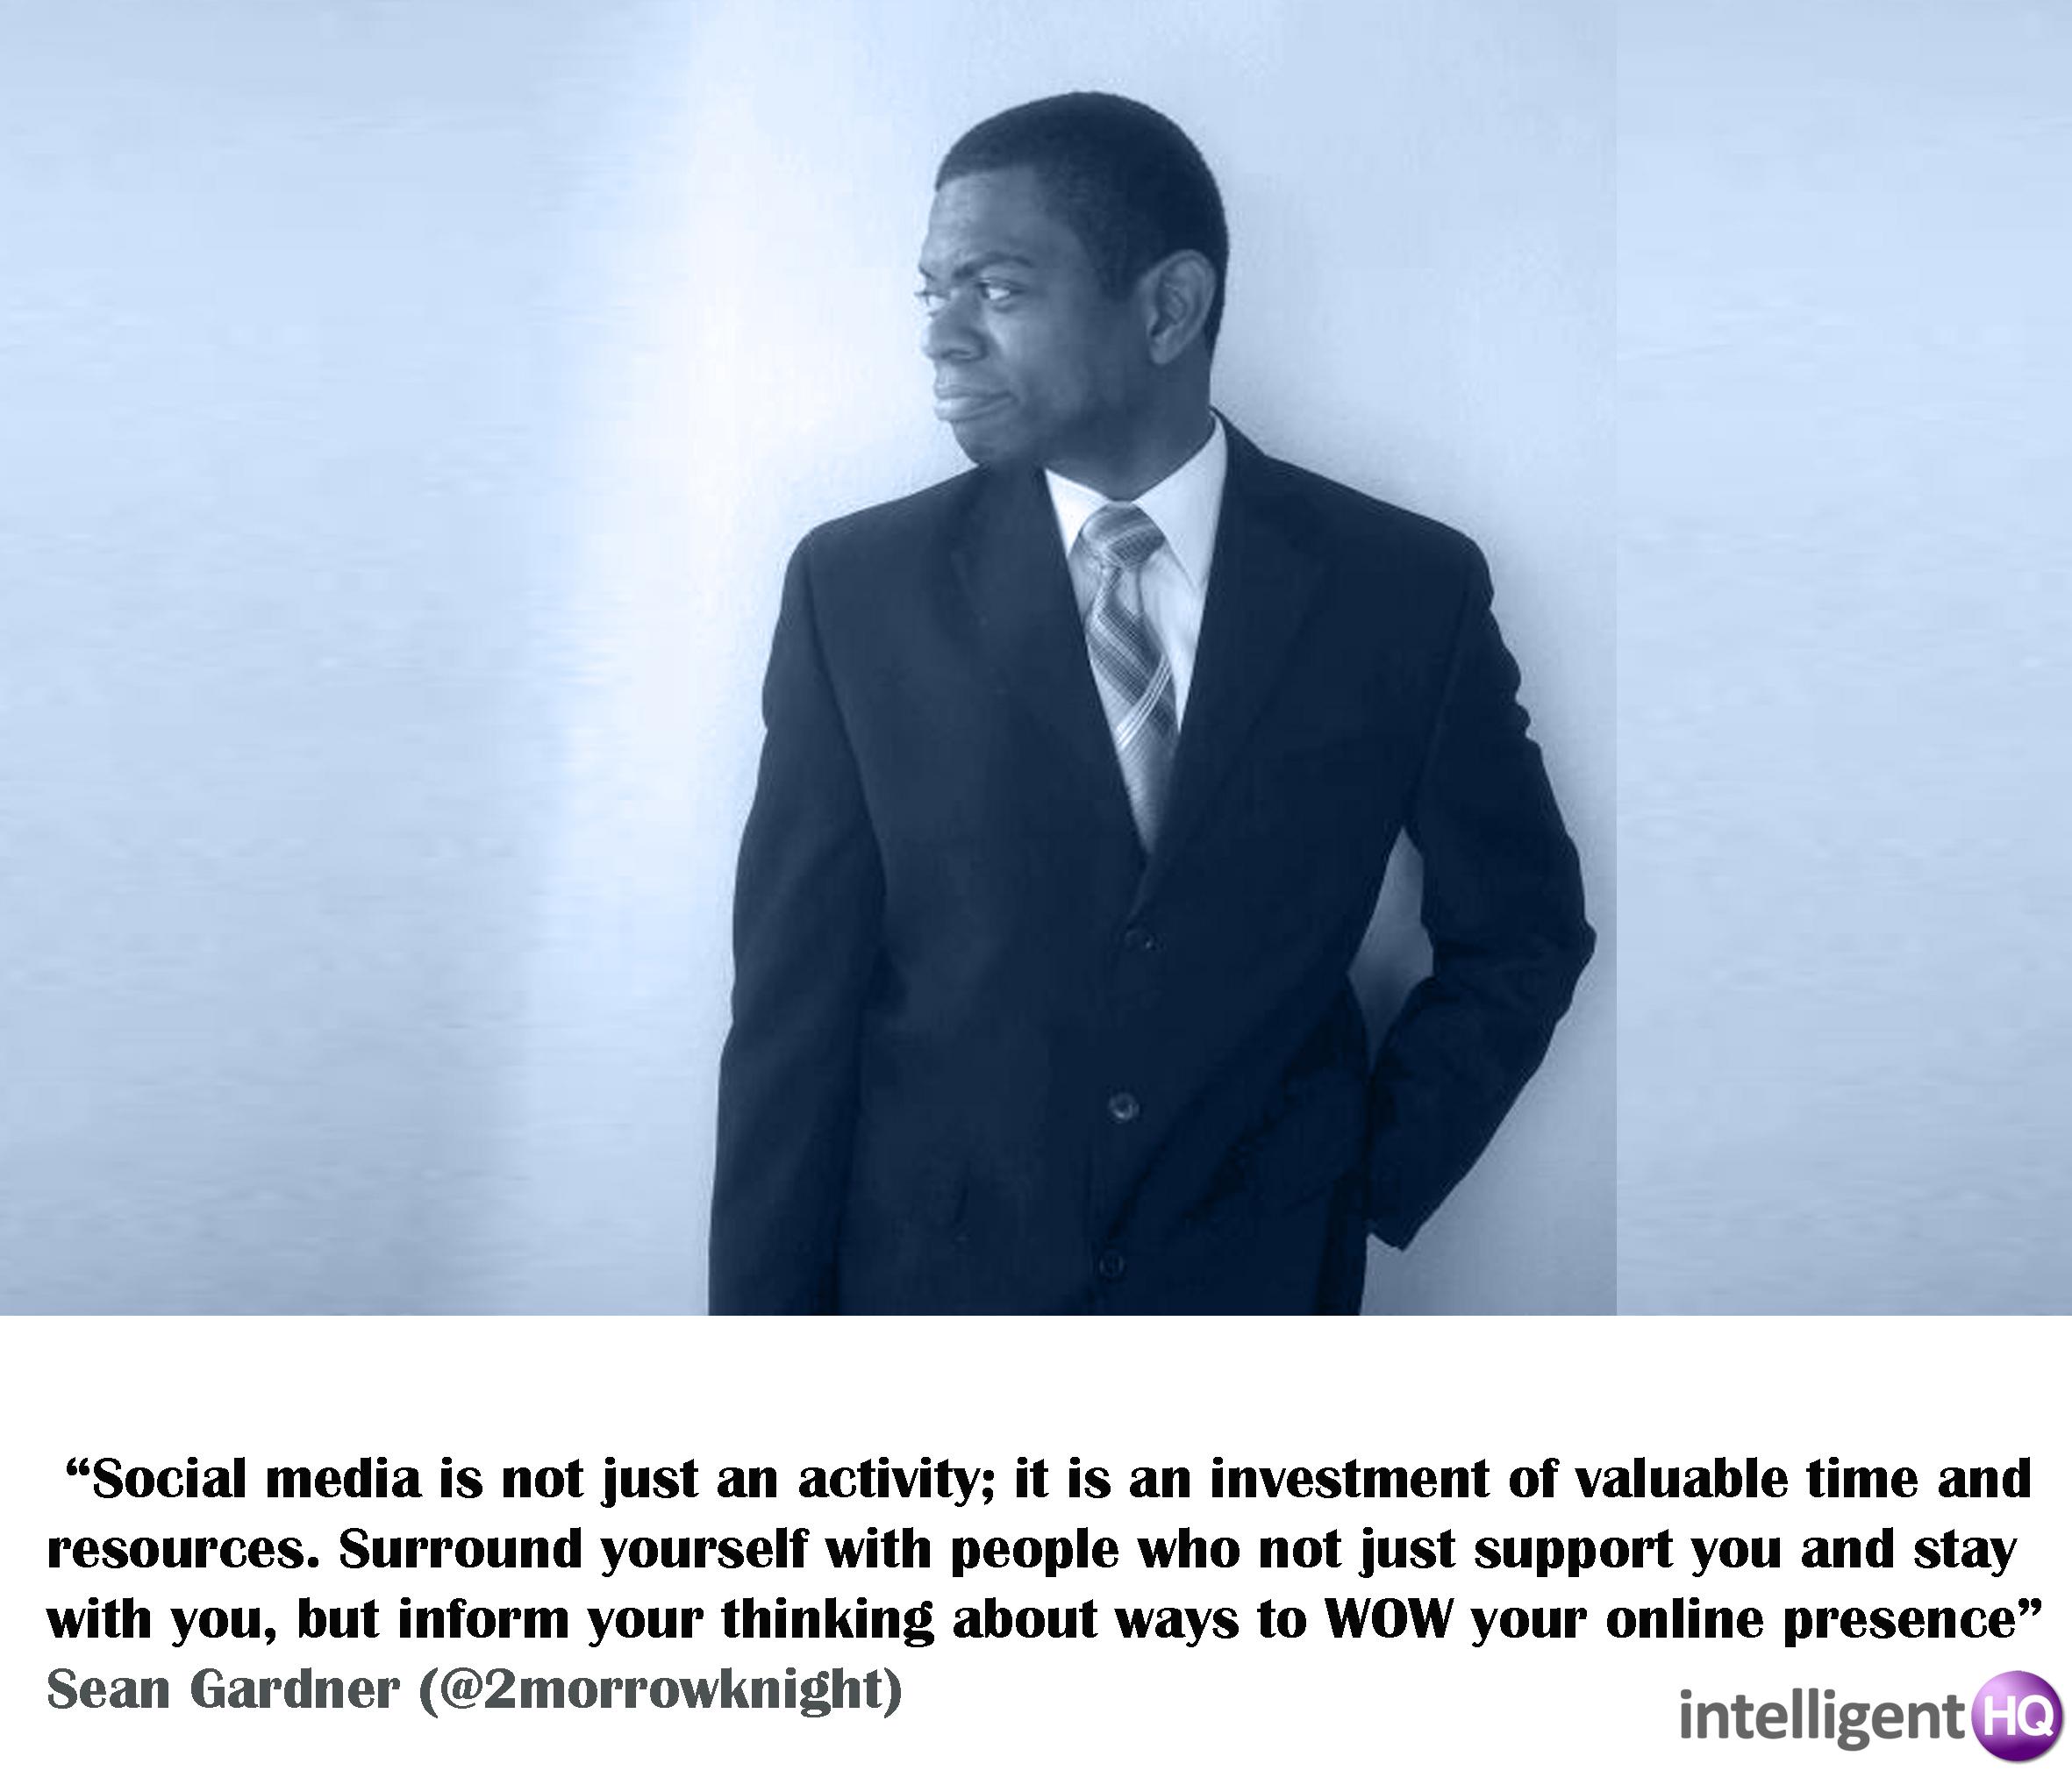 Quote by Sean Gardner. Intelligenthq